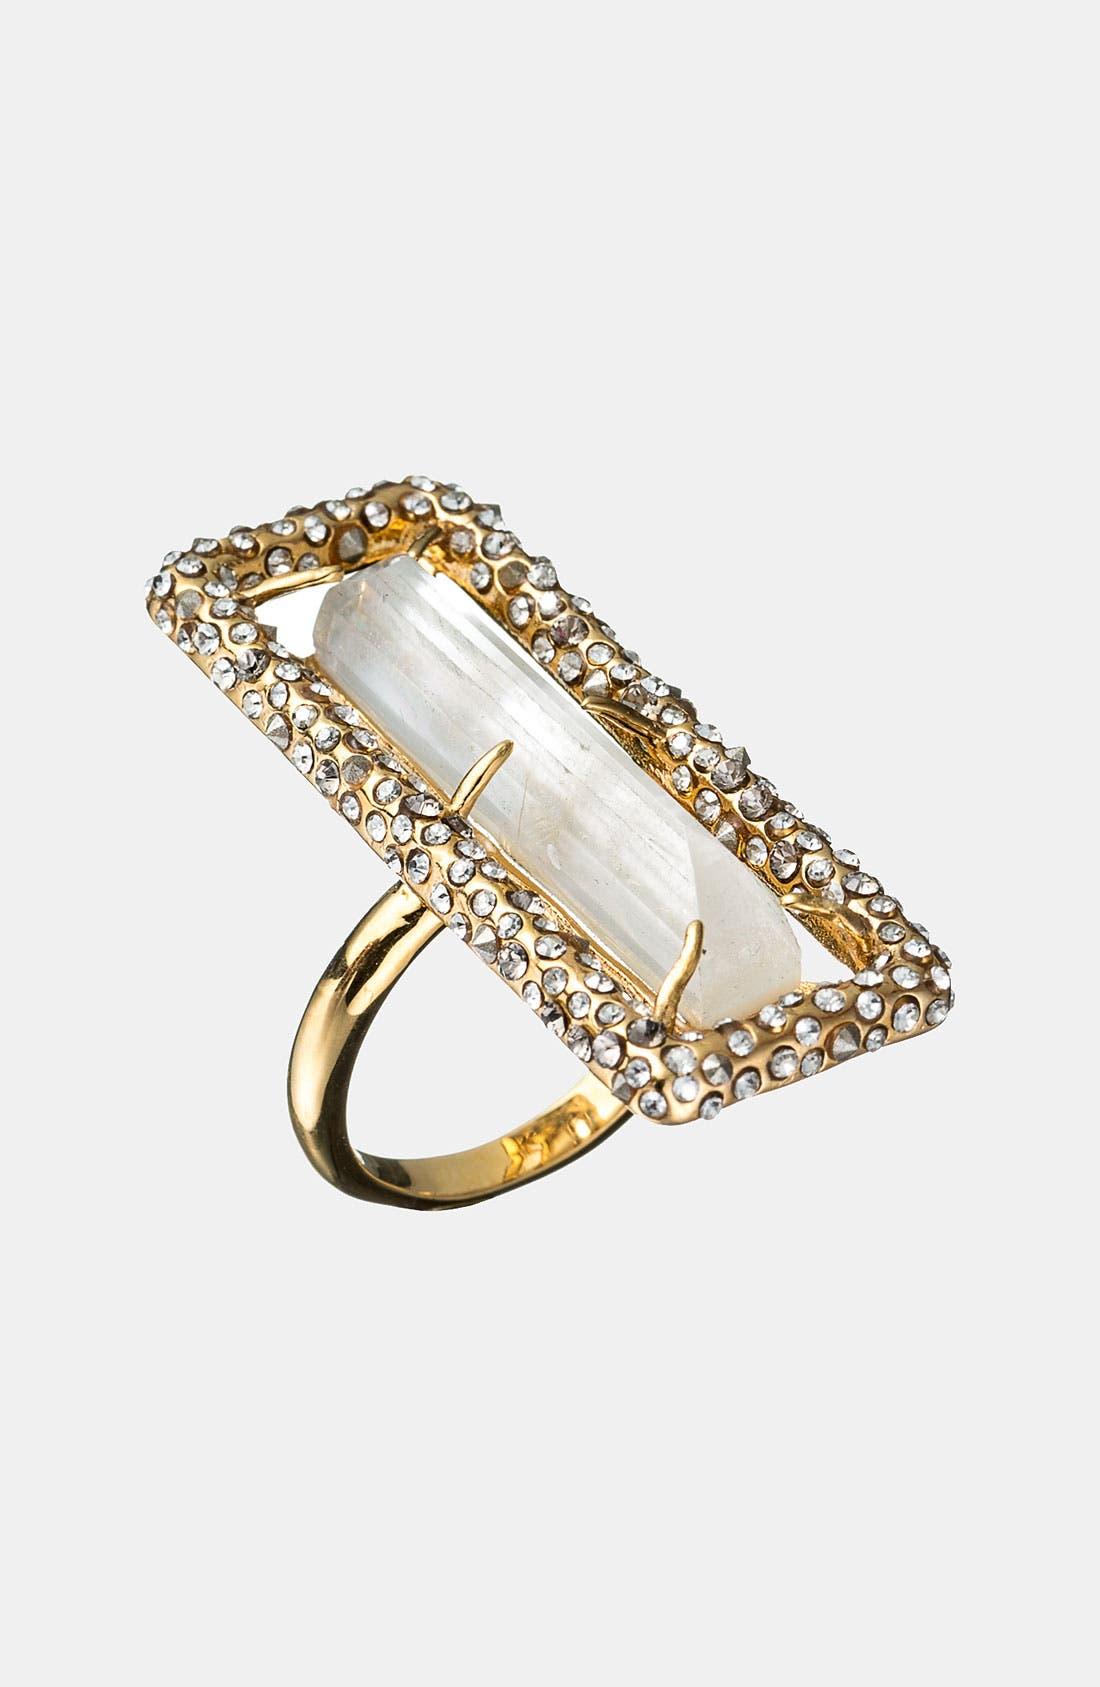 Alternate Image 1 Selected - Alexis Bittar 'Miss Havisham - Bel Air' Baguette Ring